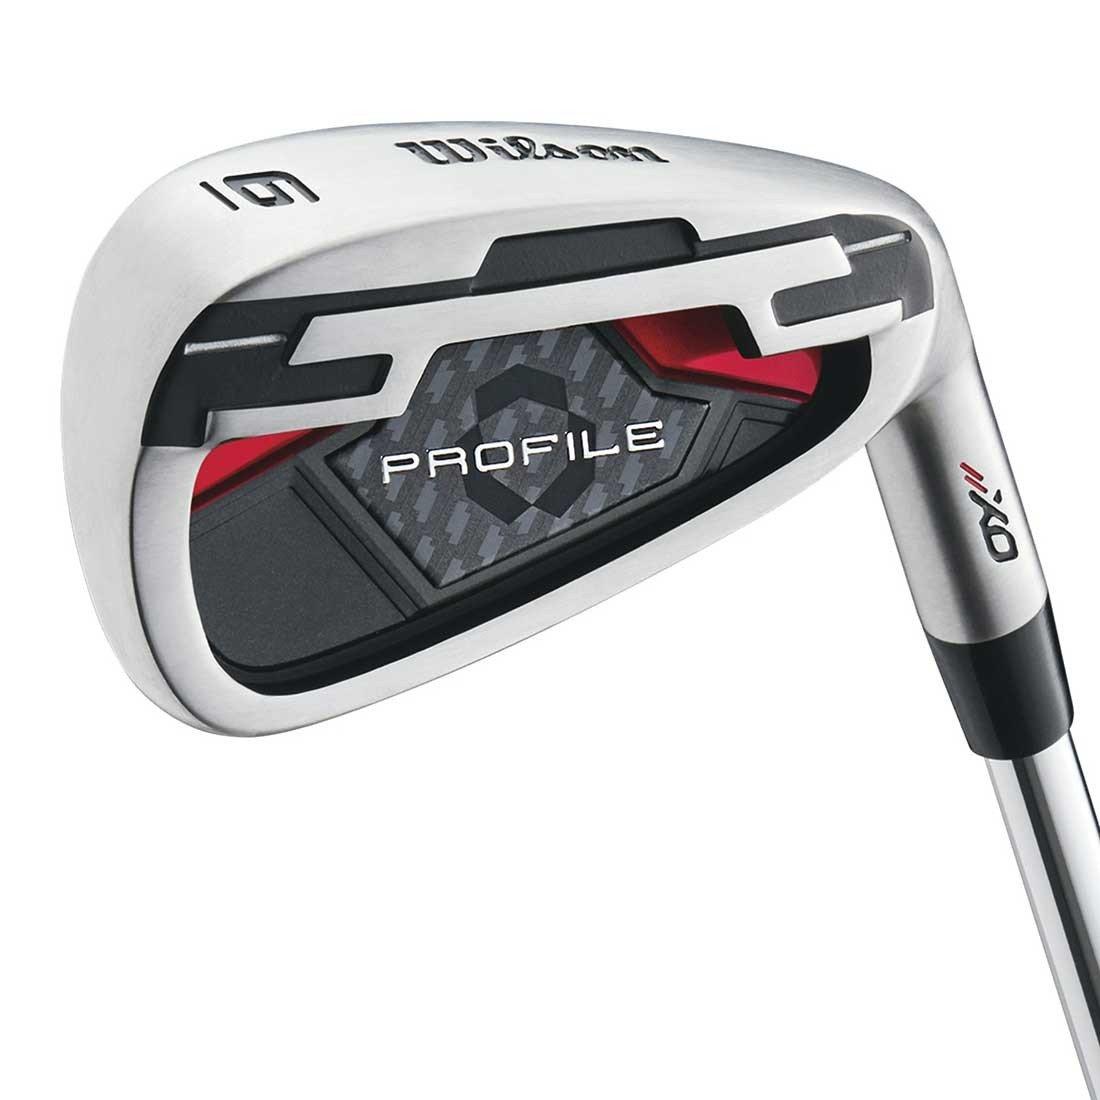 Wilson Profile XD Mens Complete el Paquete de Golf Graphite ...